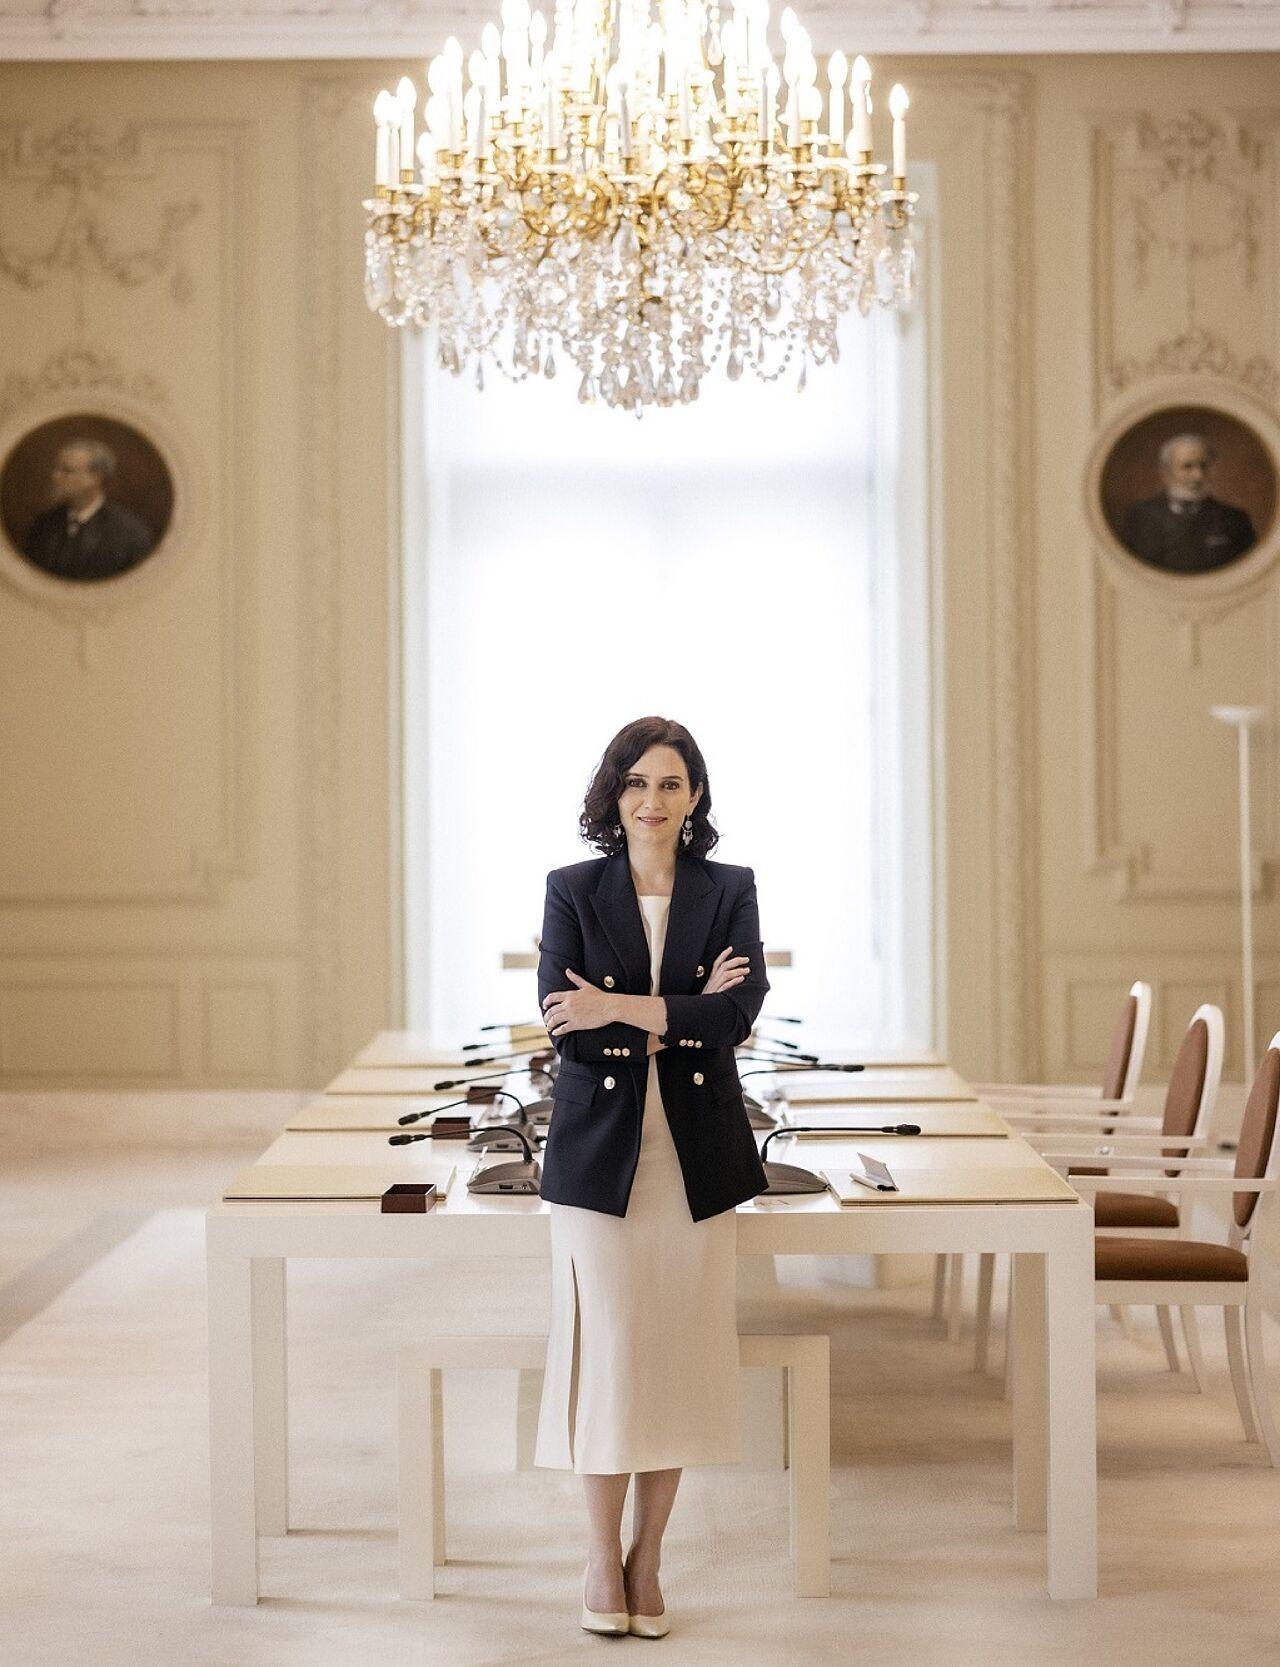 La presidenta de la Comunidad de Madrid, Isabel Díaz Ayuso, en la sala del Consejo de Gobierno.